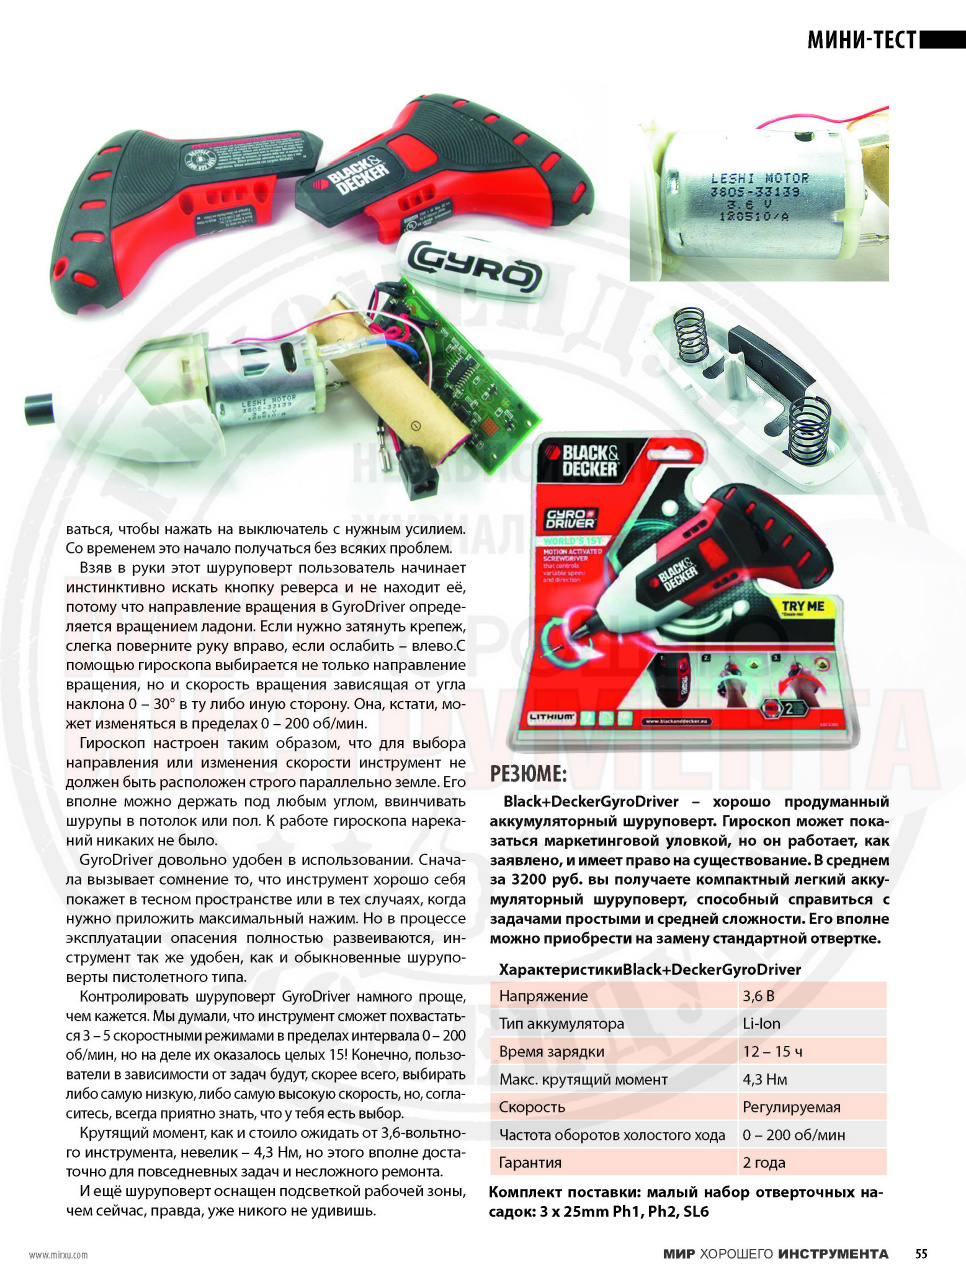 Как правильно выбрать дрель-шуруповерт аккумуляторный для дома. выбираем крутящий момент, удар и сверла для дрели-шуруповерта